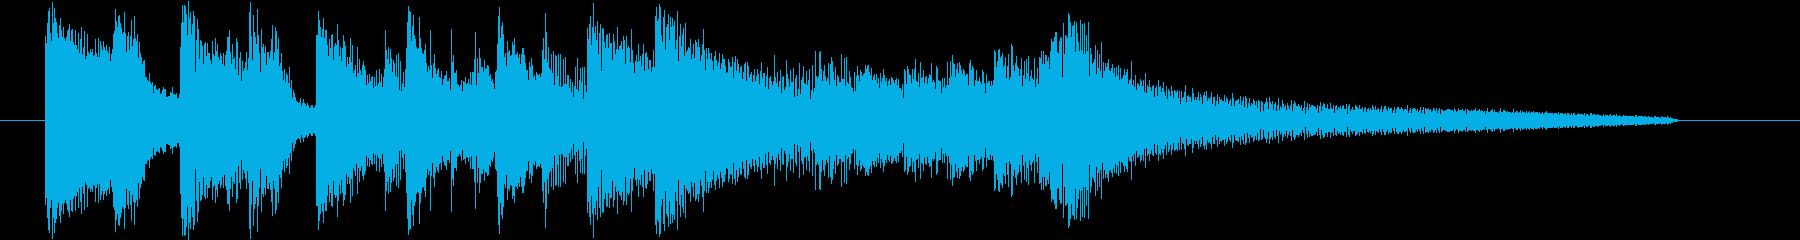 スラップが印象的なトリオ編成のジングルの再生済みの波形